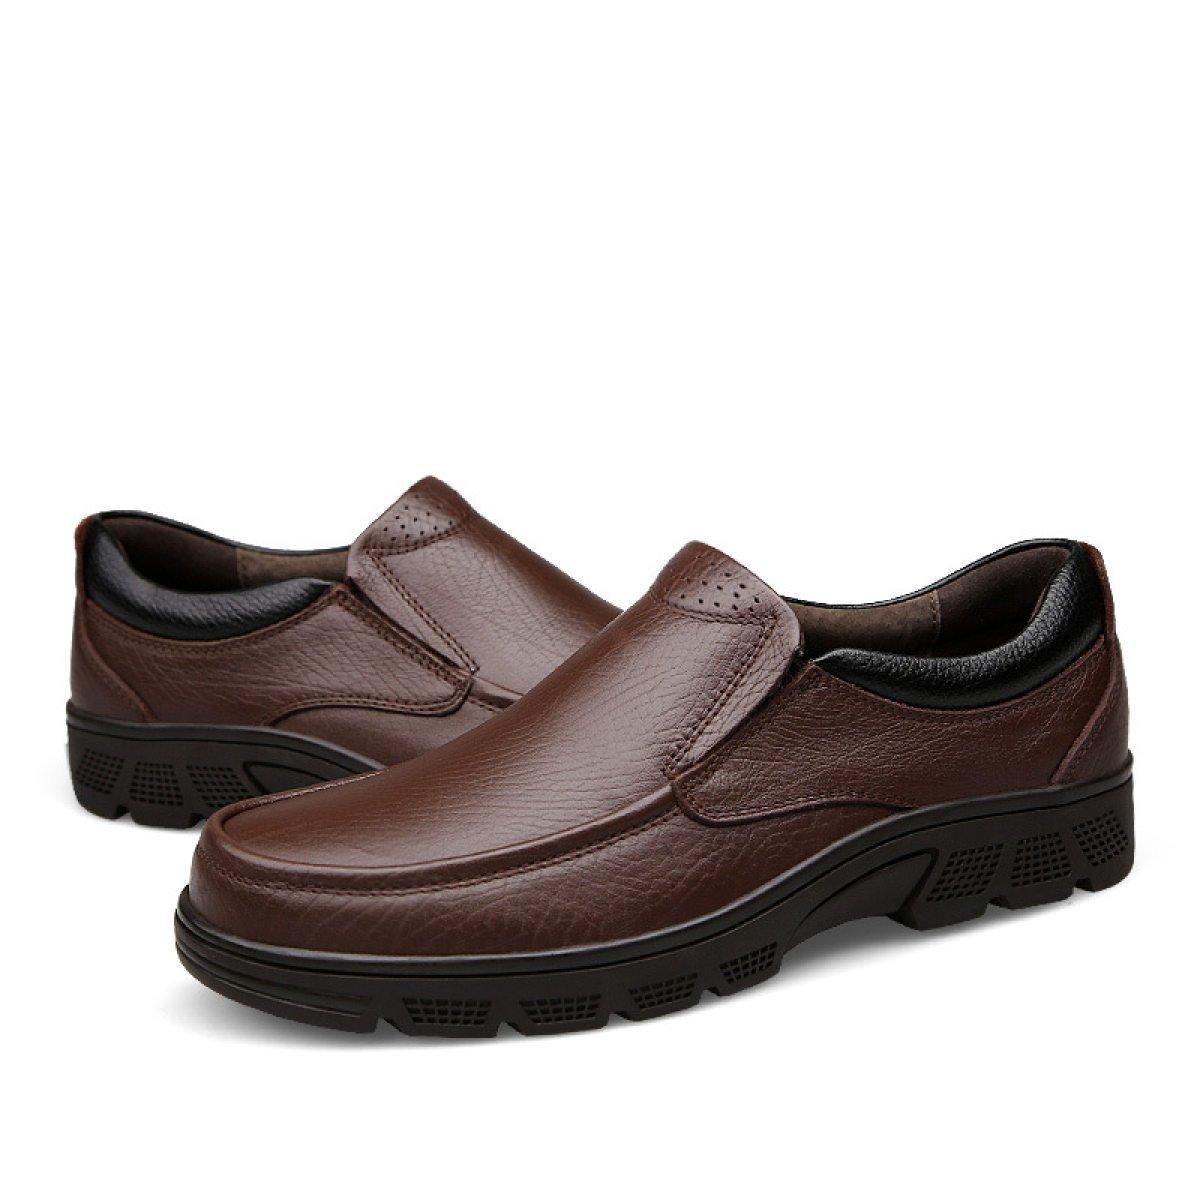 GTYMFH Herbst Und Winter Winter Winter Business Freizeit Schuhe Männer Dickes Ende Atmungsaktiv Füße Spitzenschuhe Für Männer 6fb054